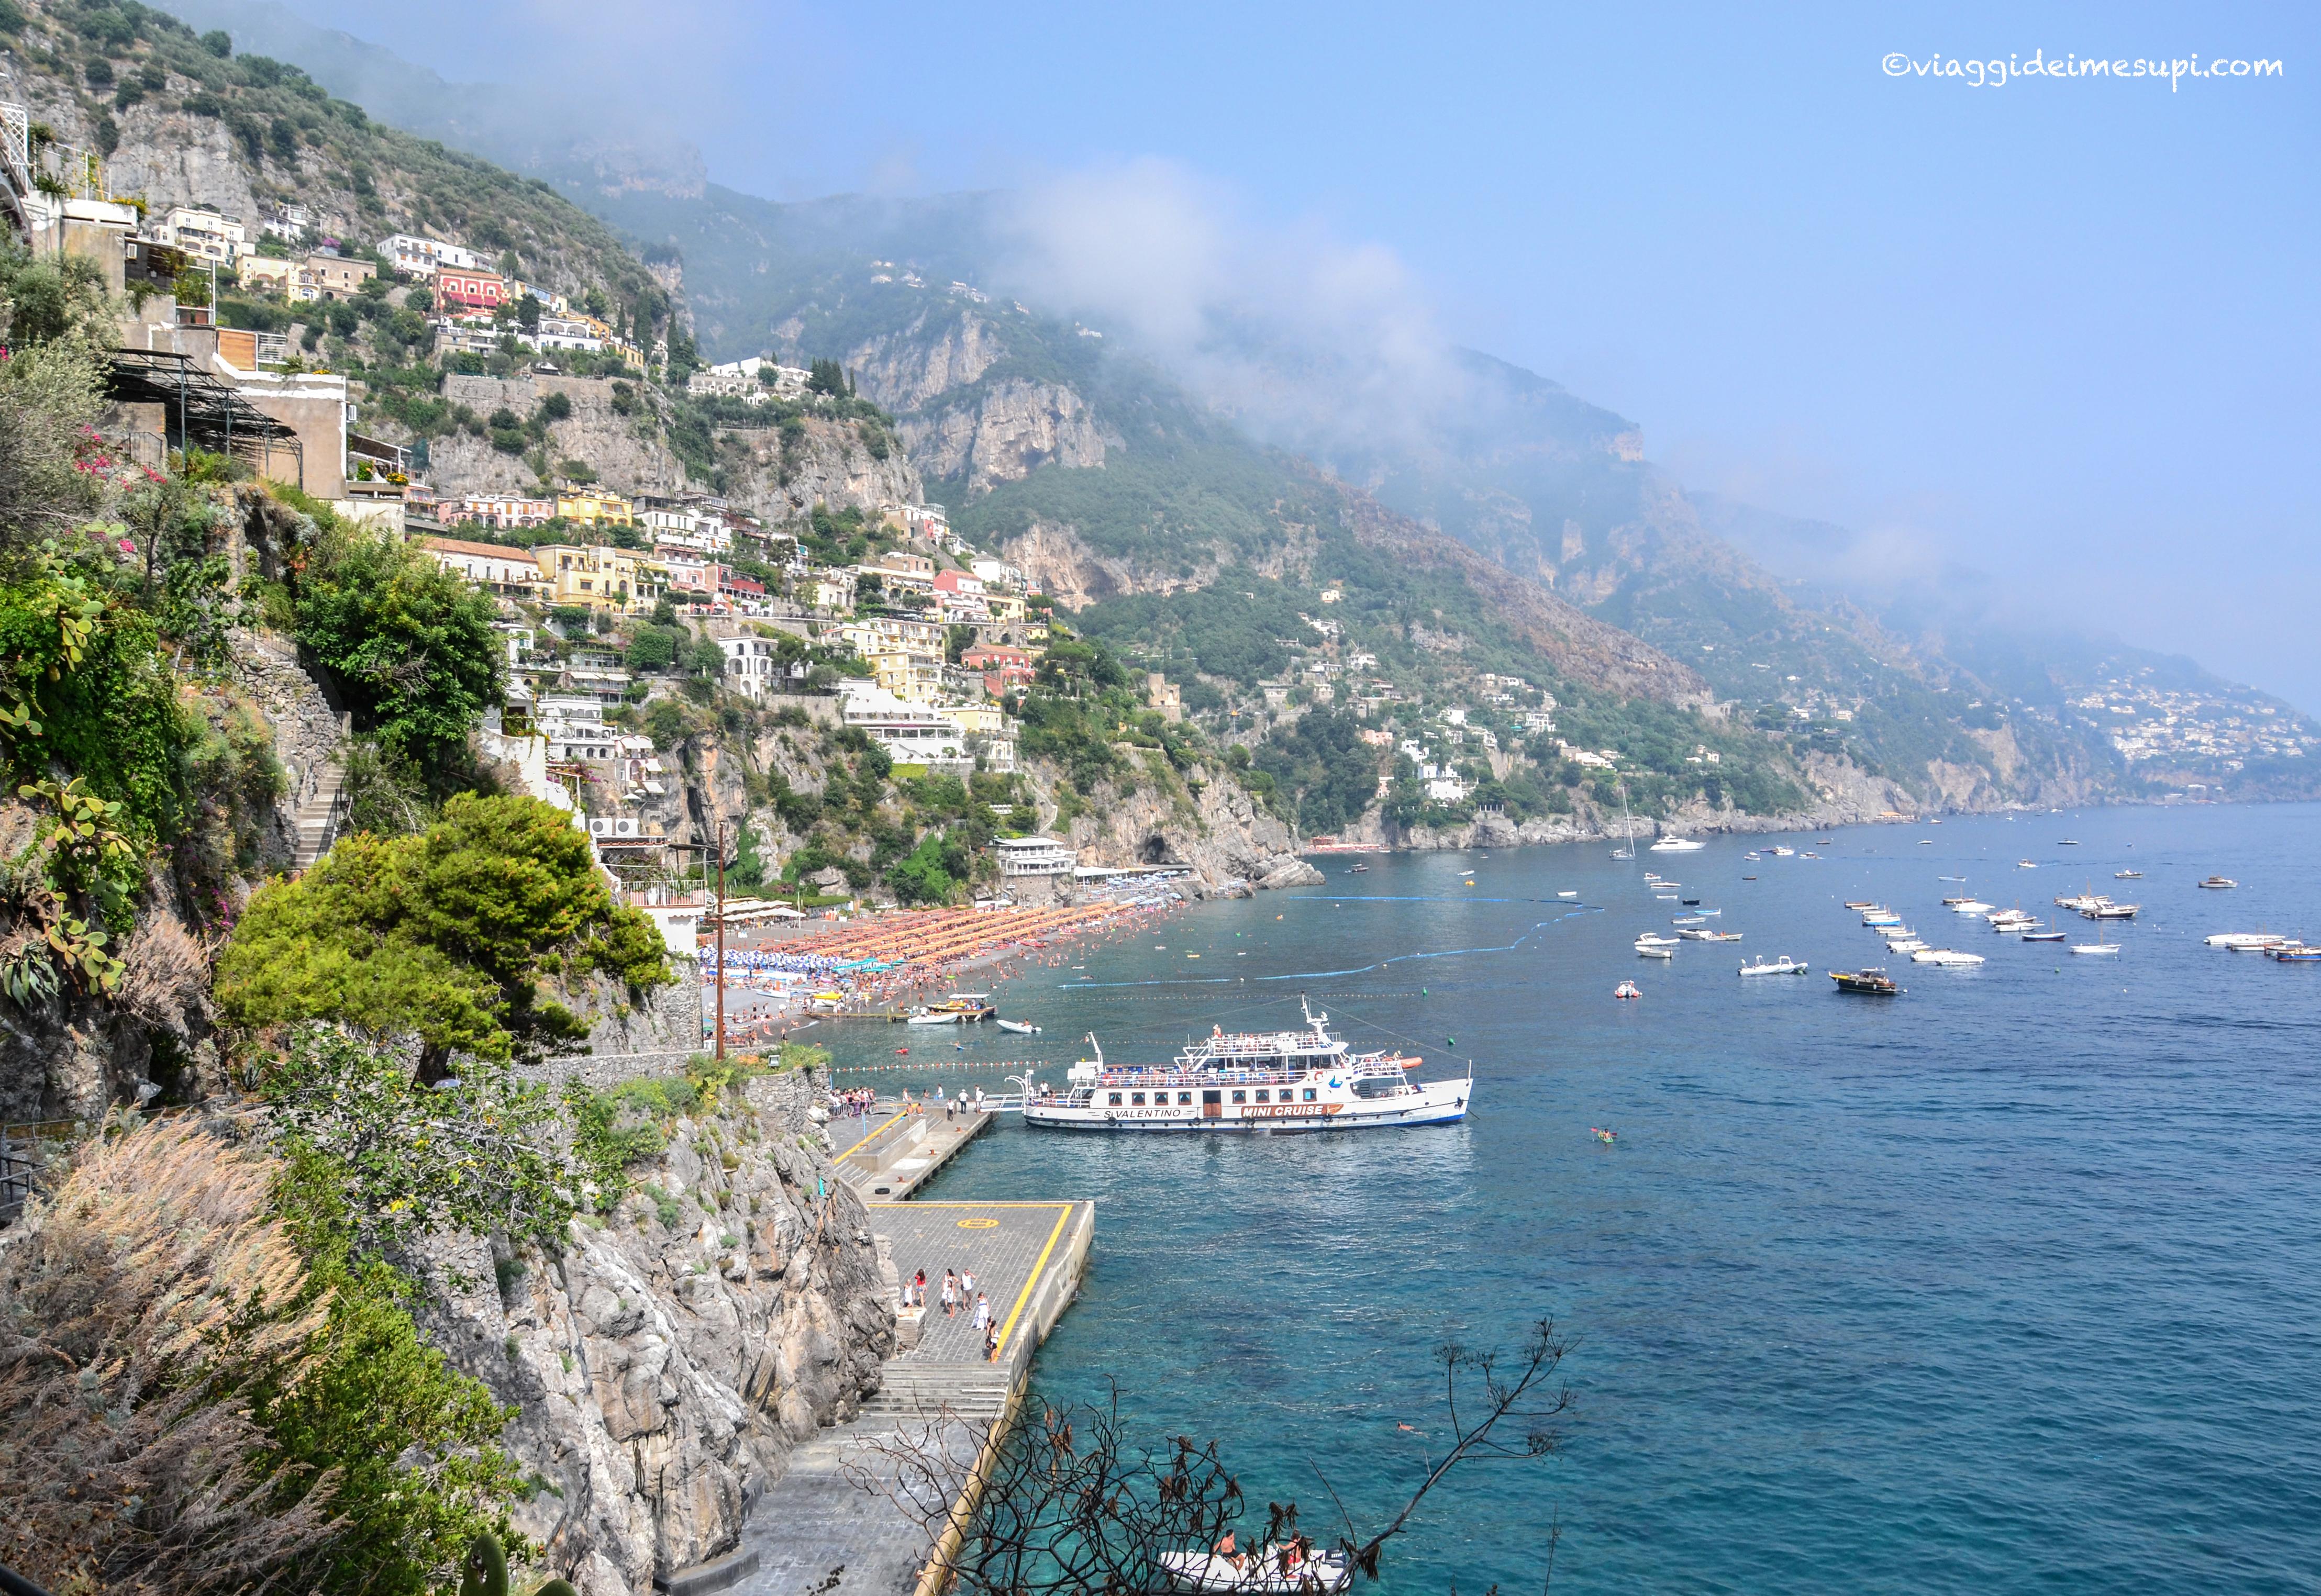 Villaggi turistici in Campania Positano